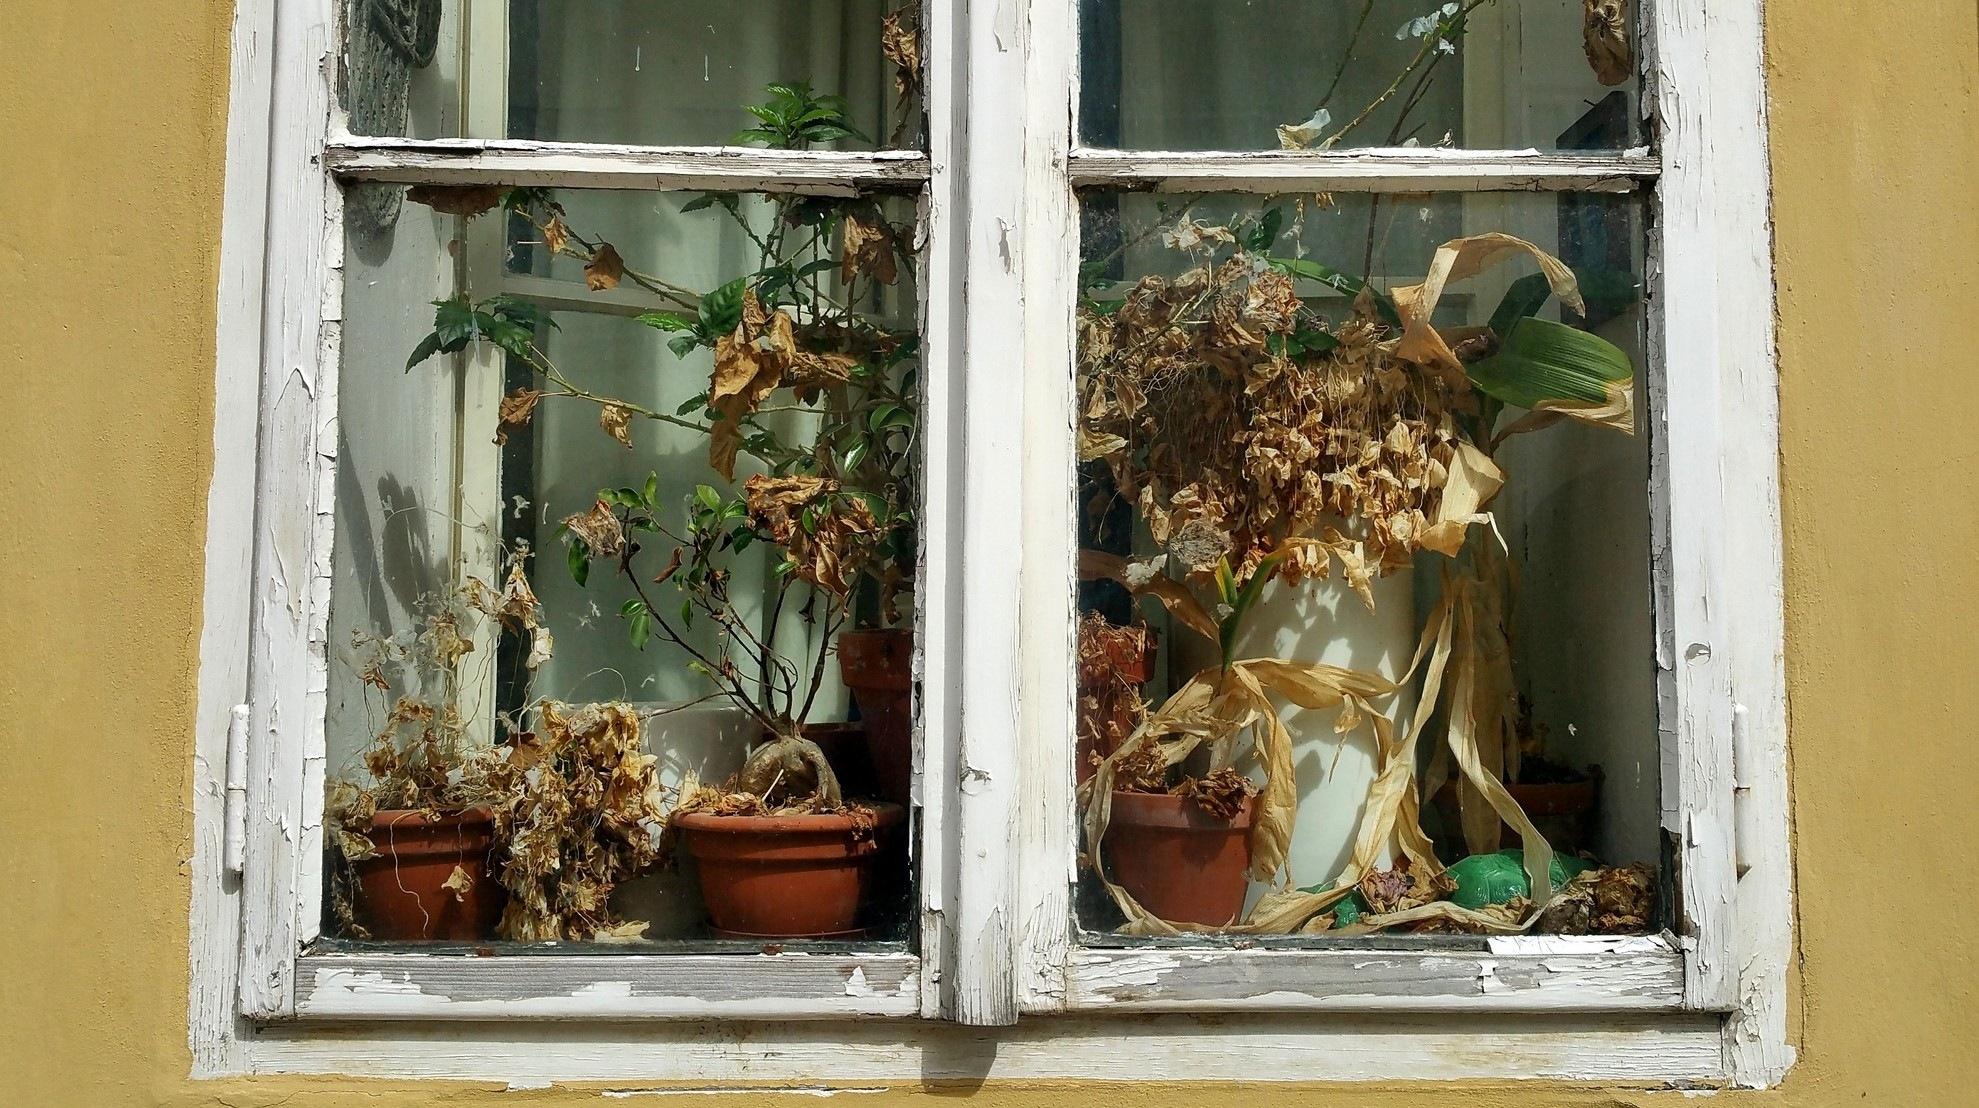 Window by Adam Wyciszkiewicz